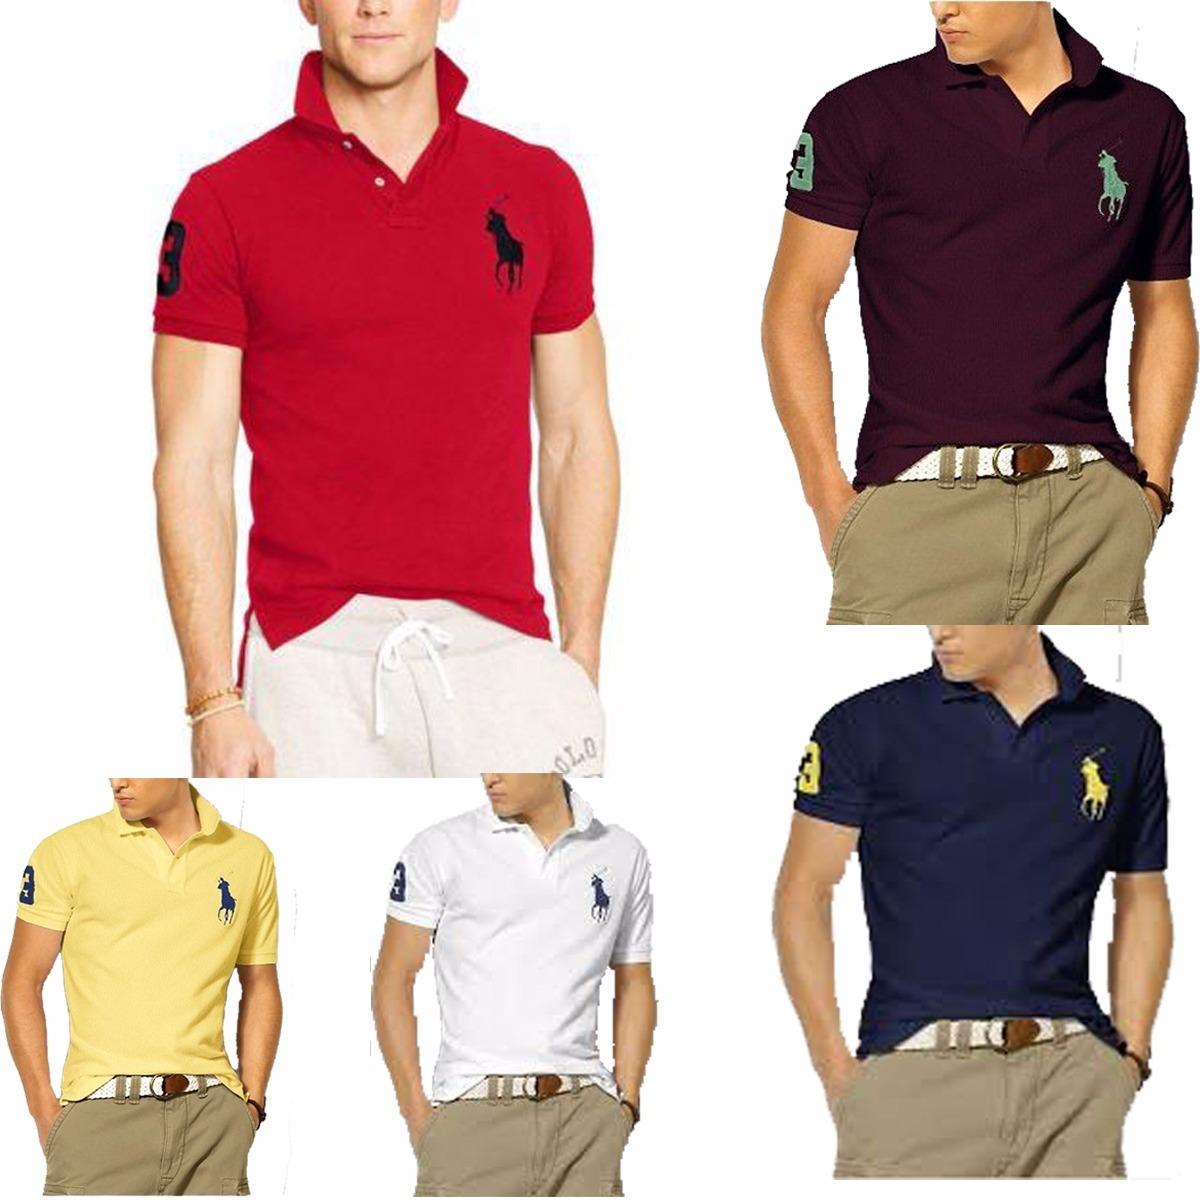 77ca5ac9d83d3 ... 04 camisas camisetas atacado gola polo masculina fret. Carregando zoom.